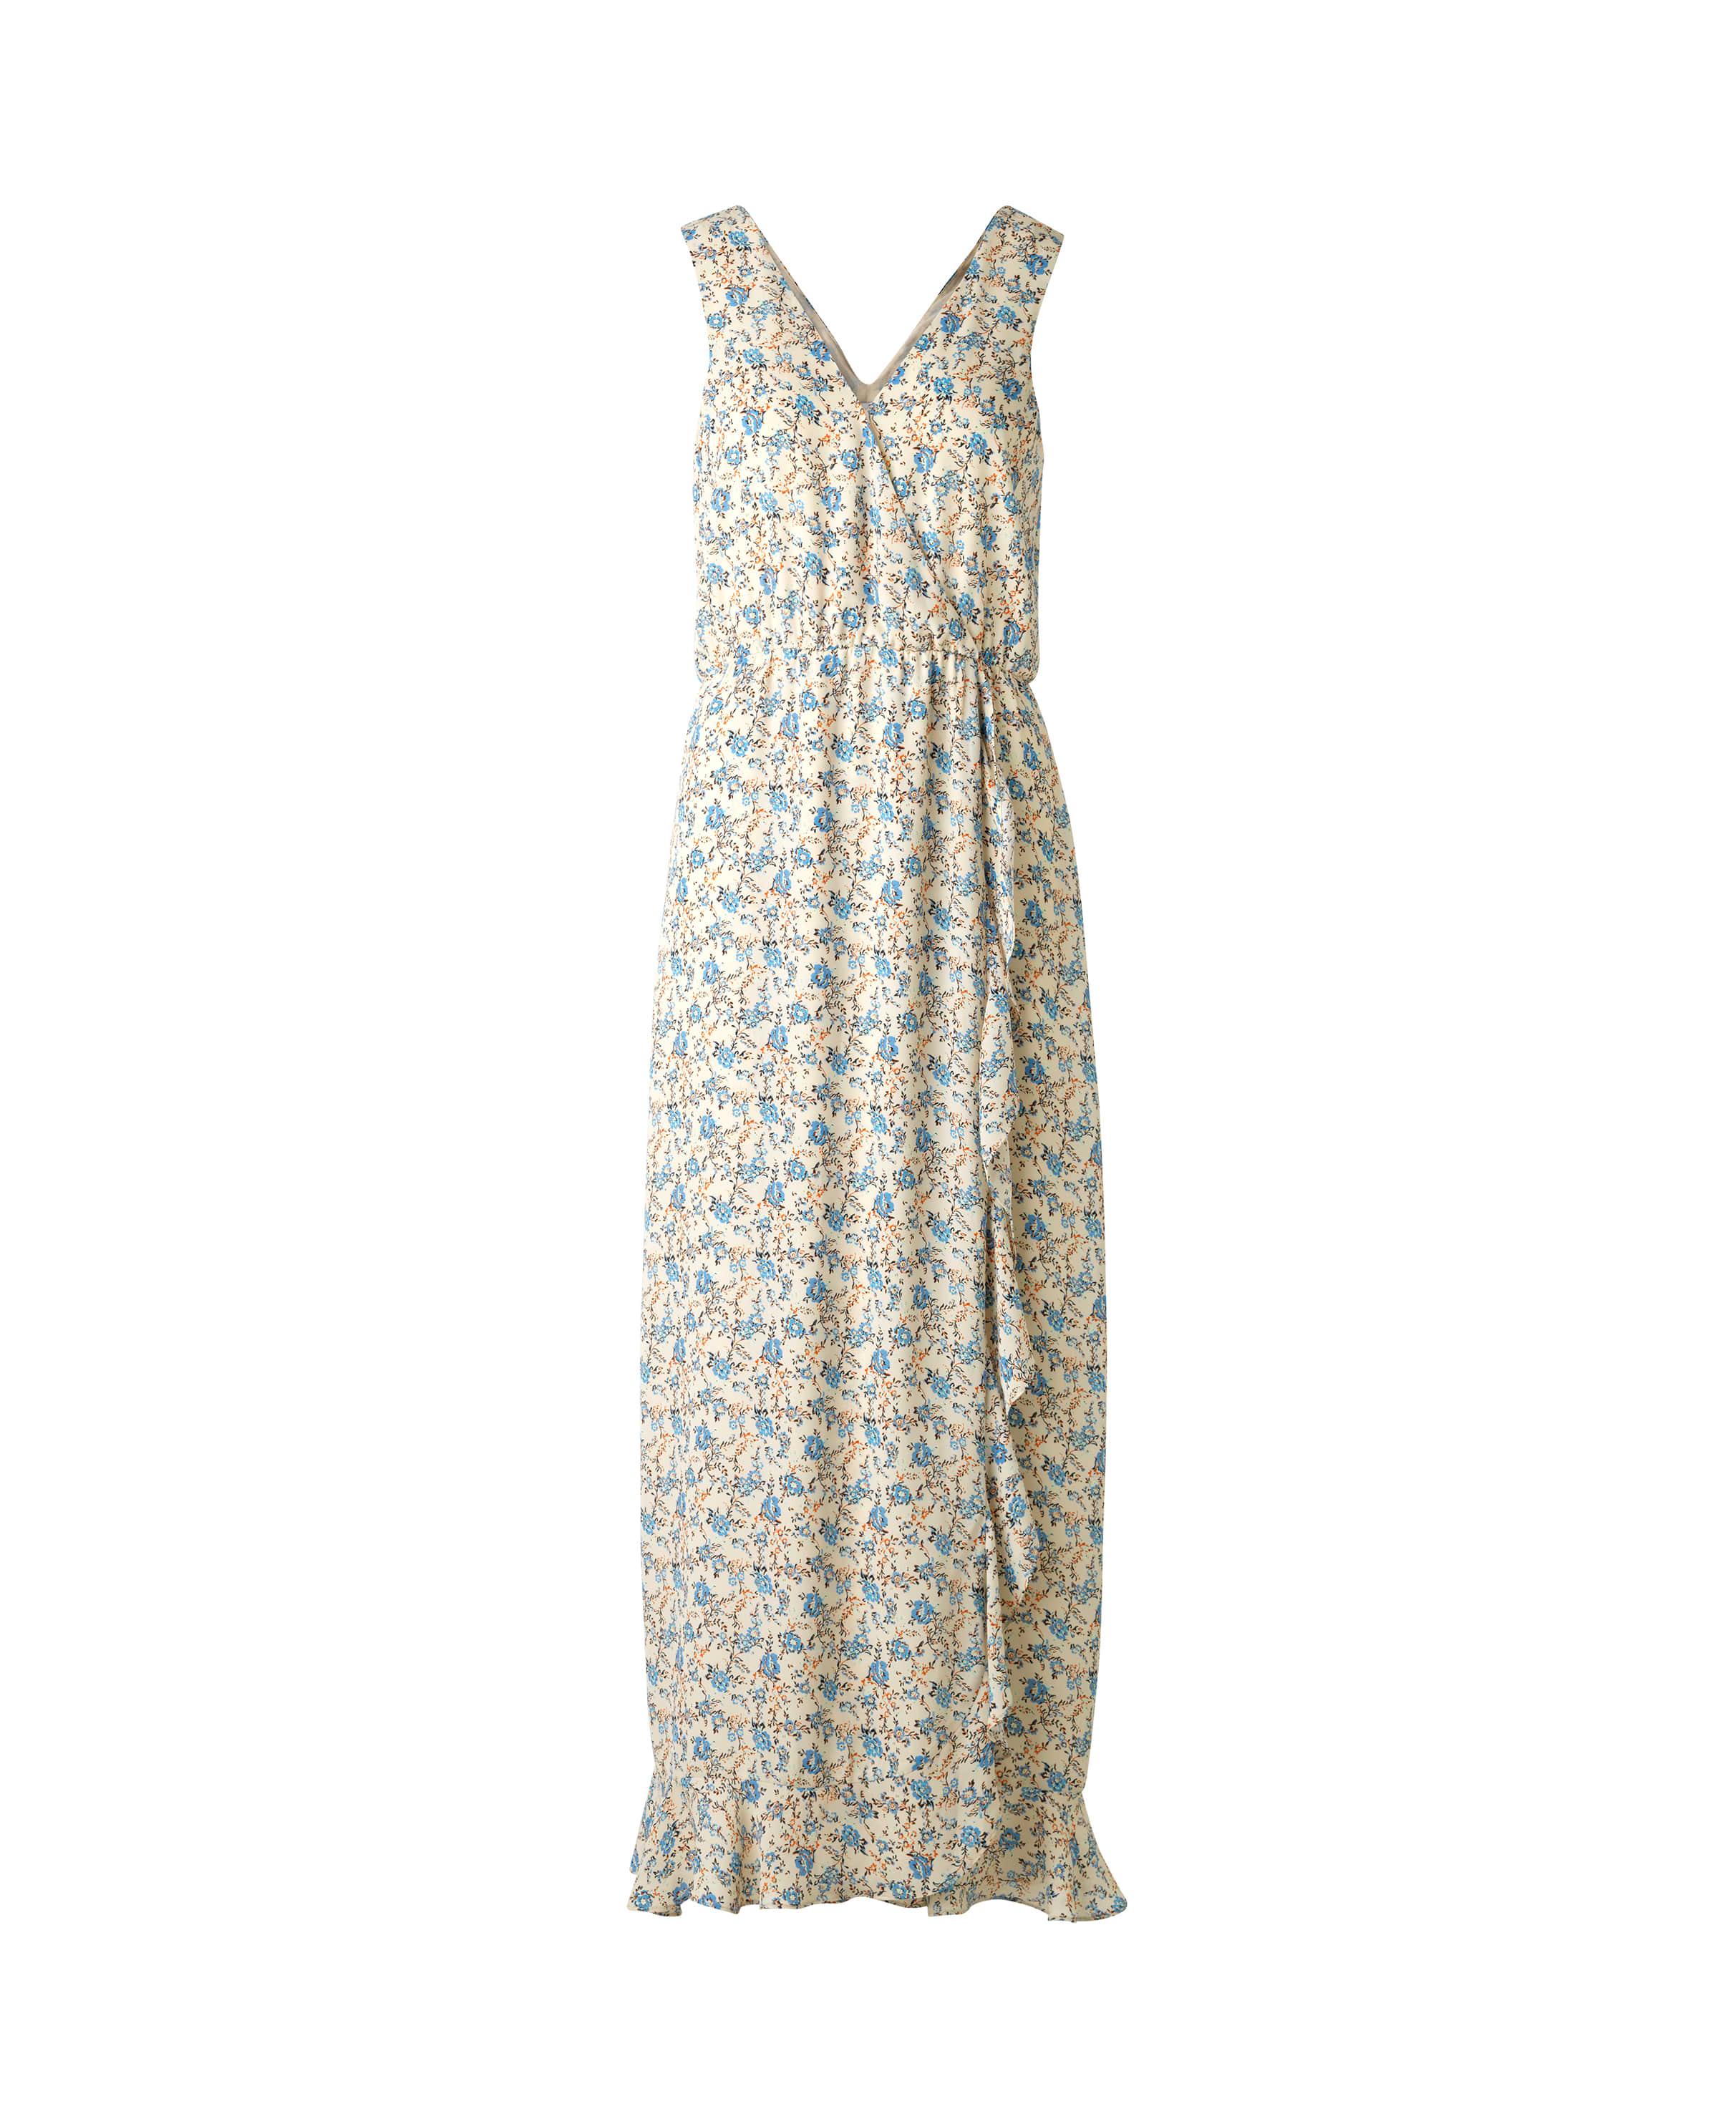 Samsoe & Samsoe Blossom Print Limon Long Dress